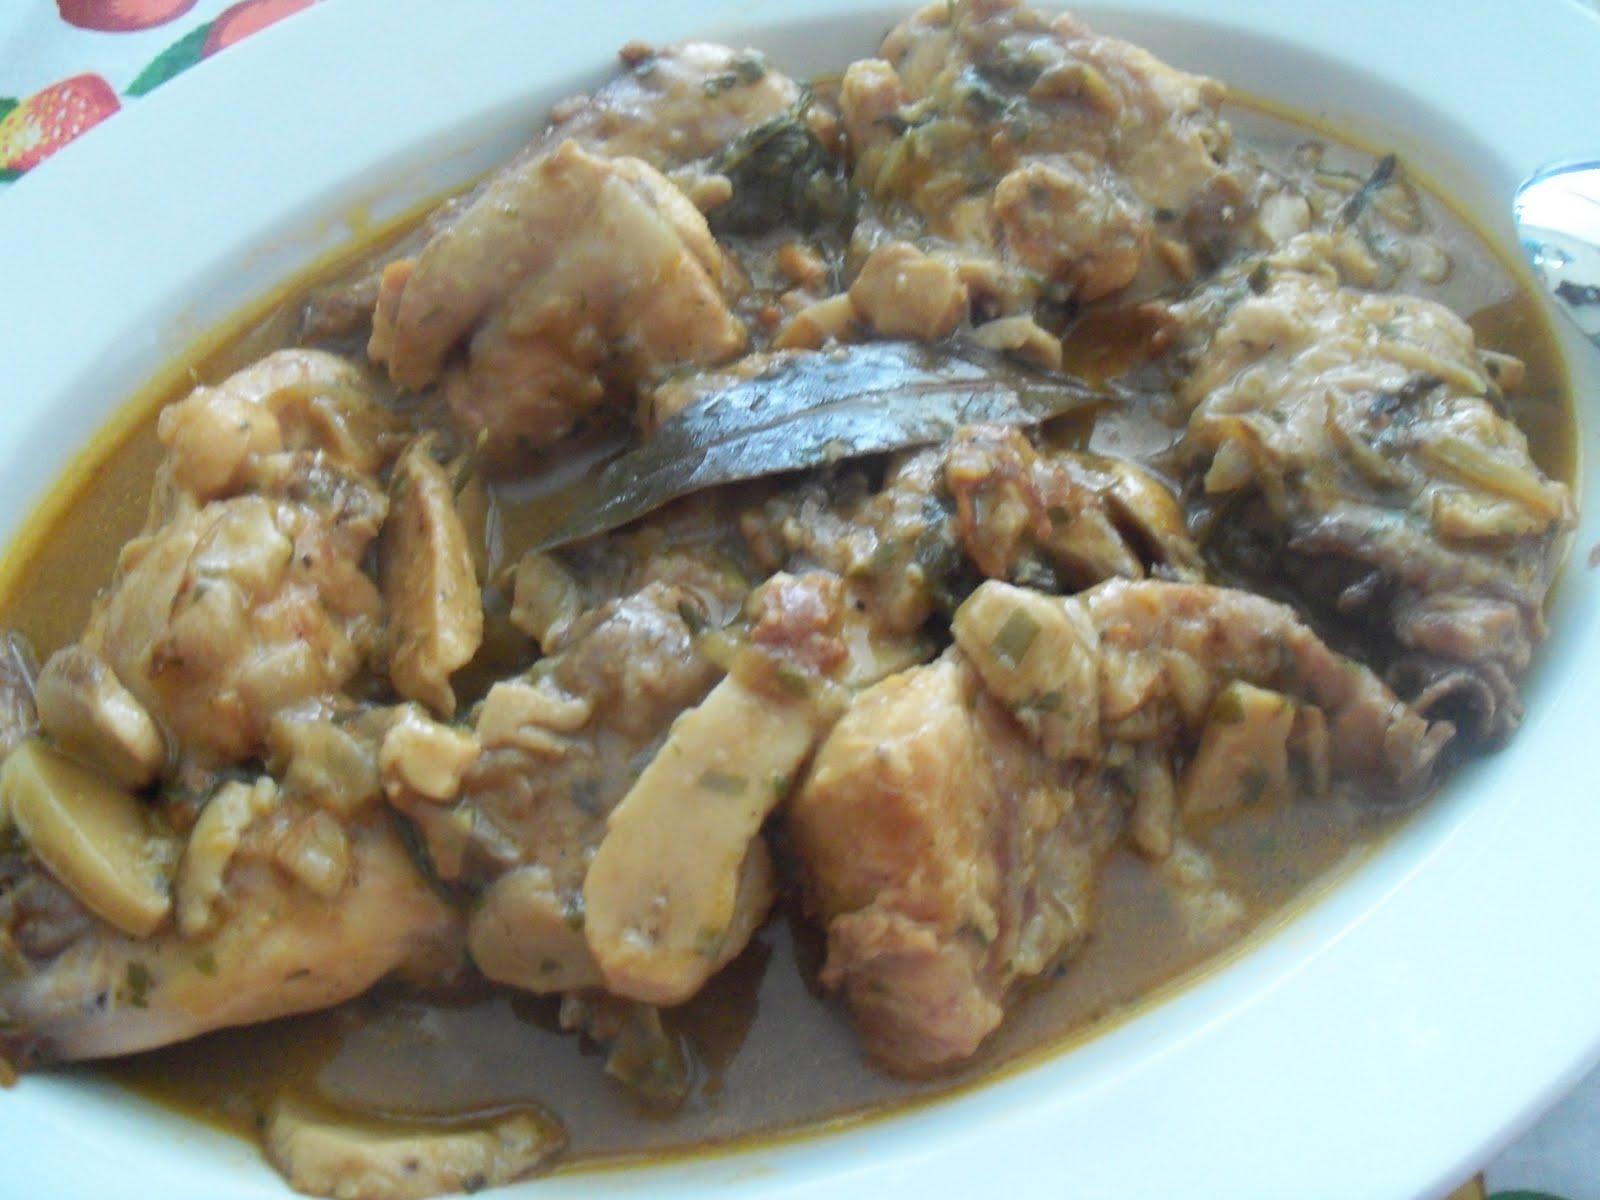 ingredienti per 6 persone un coniglio di circa kg 1500 burro g 80 vino bianco 1 bicchiere brodo 1 tazza funghi porcini surgelati 350 g